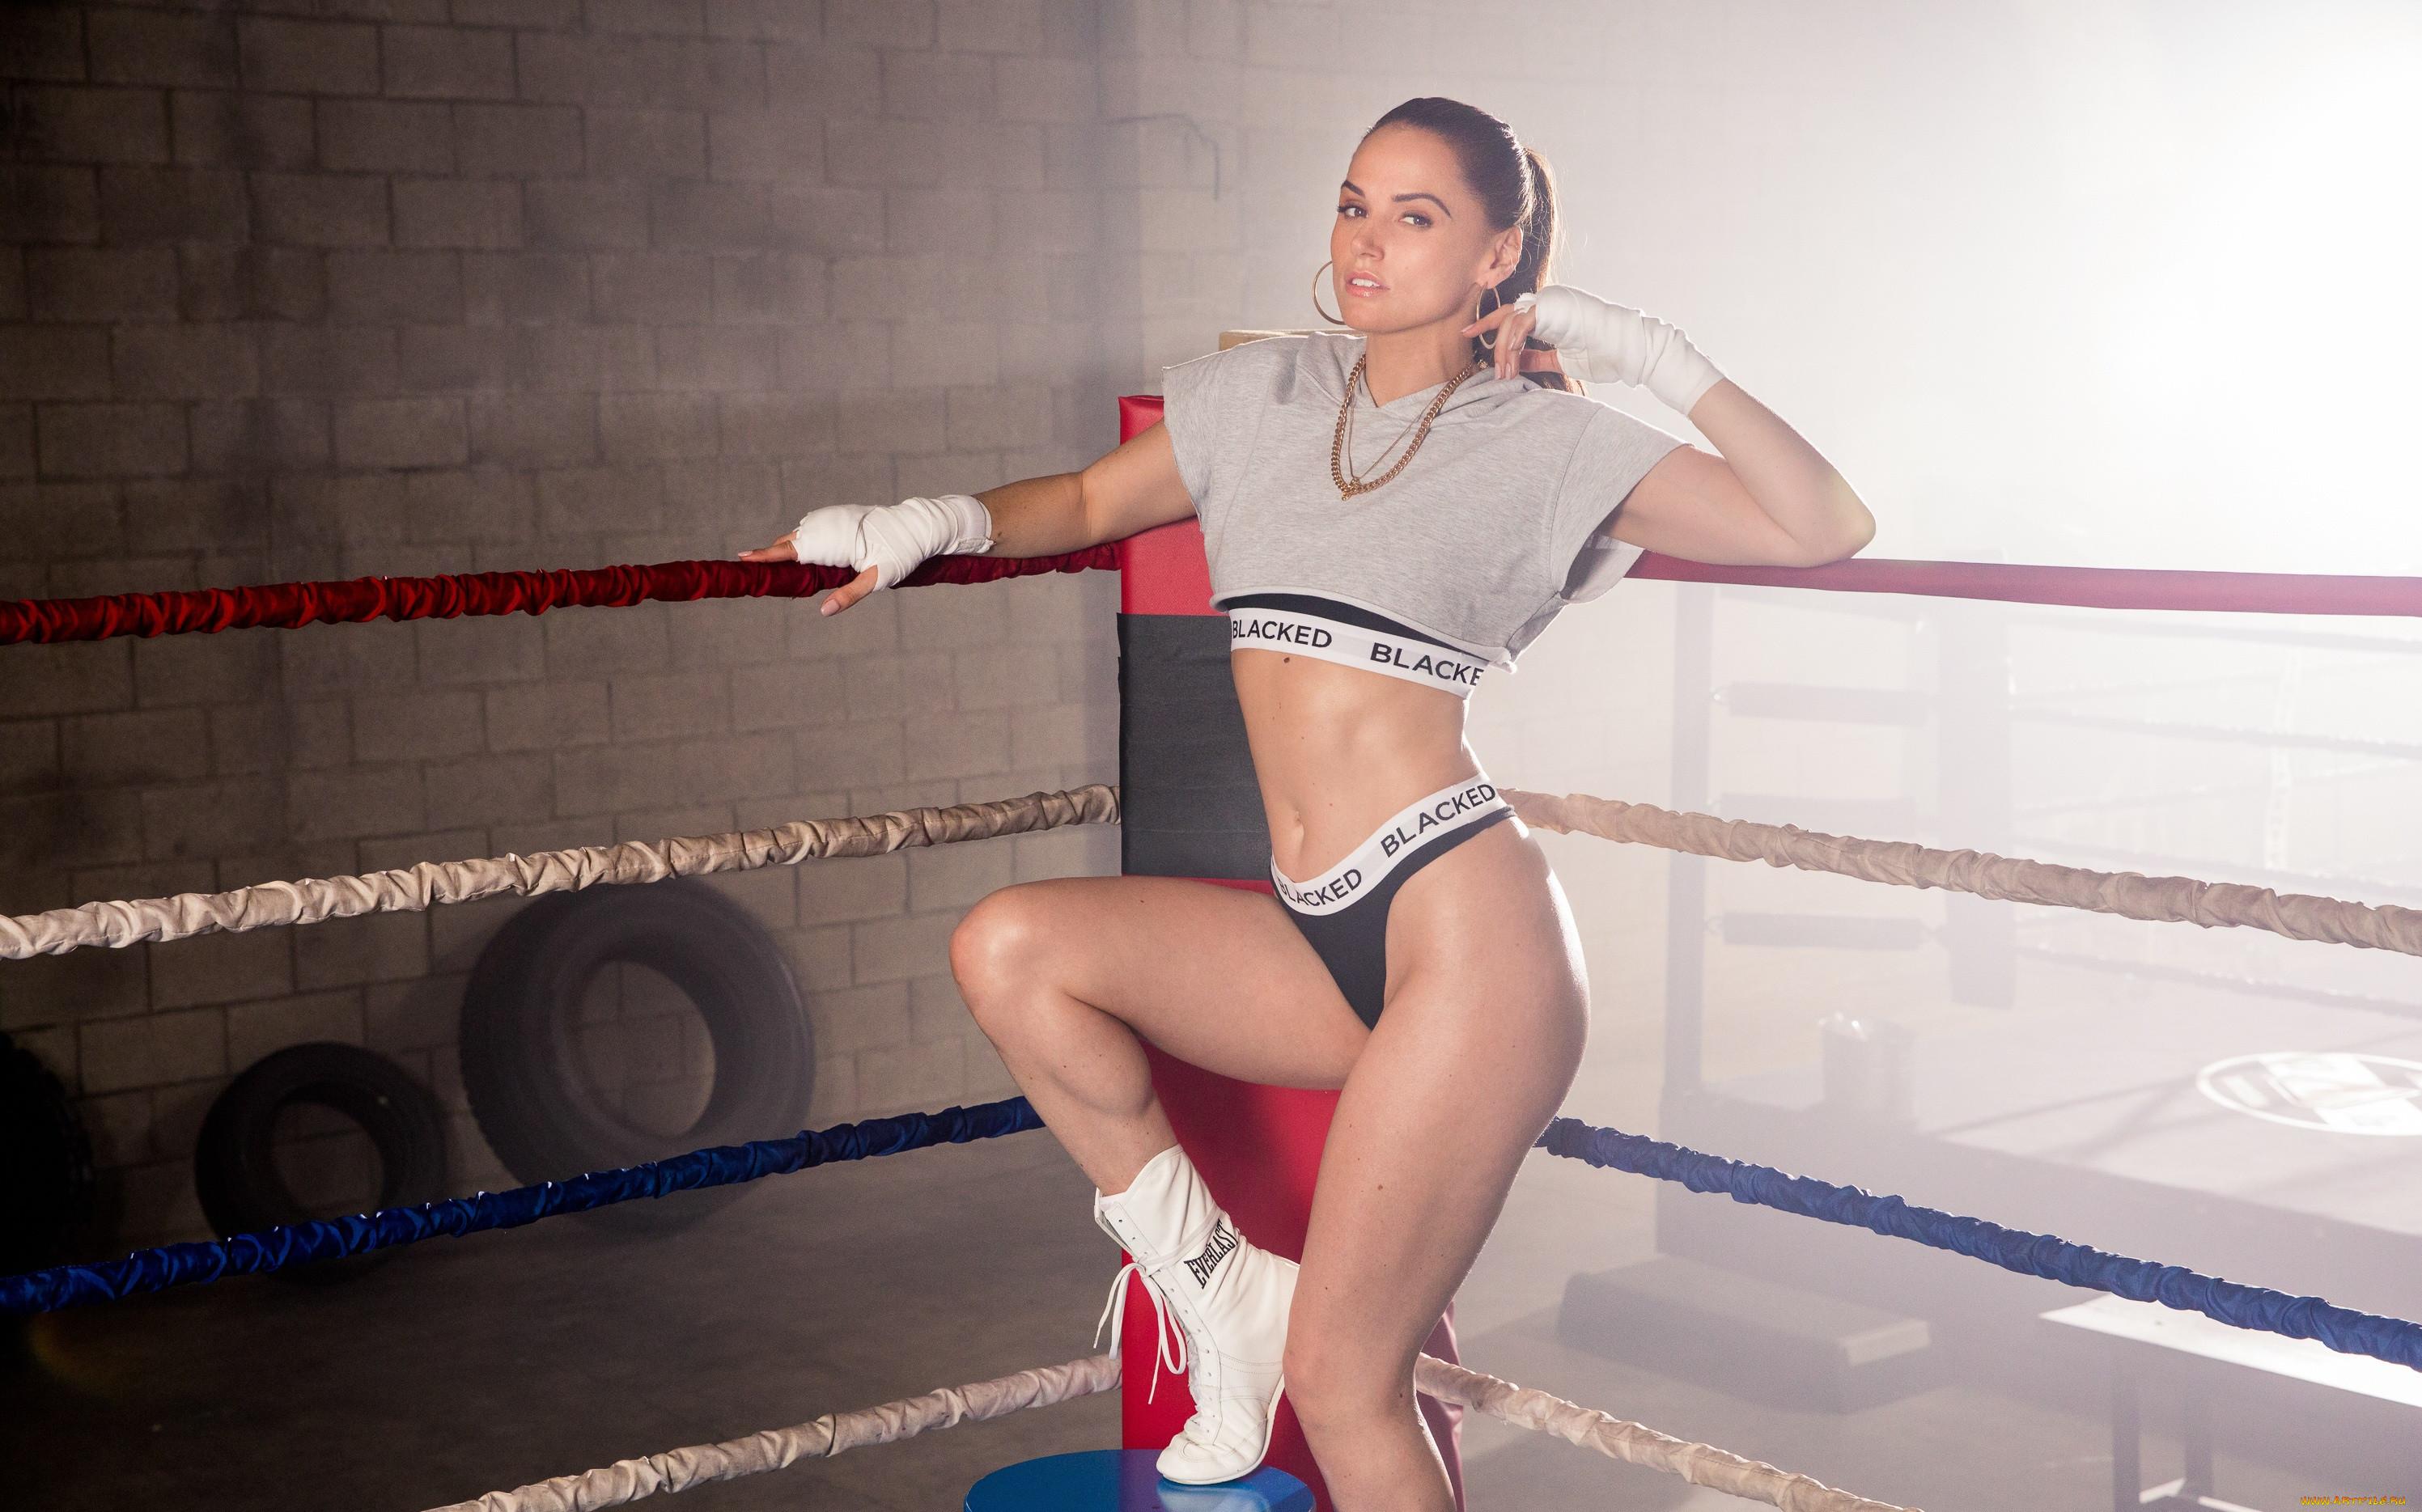 спорт, бокс, девушка, взгляд, sexy, naked, blacked, boxing, tori, black, фон